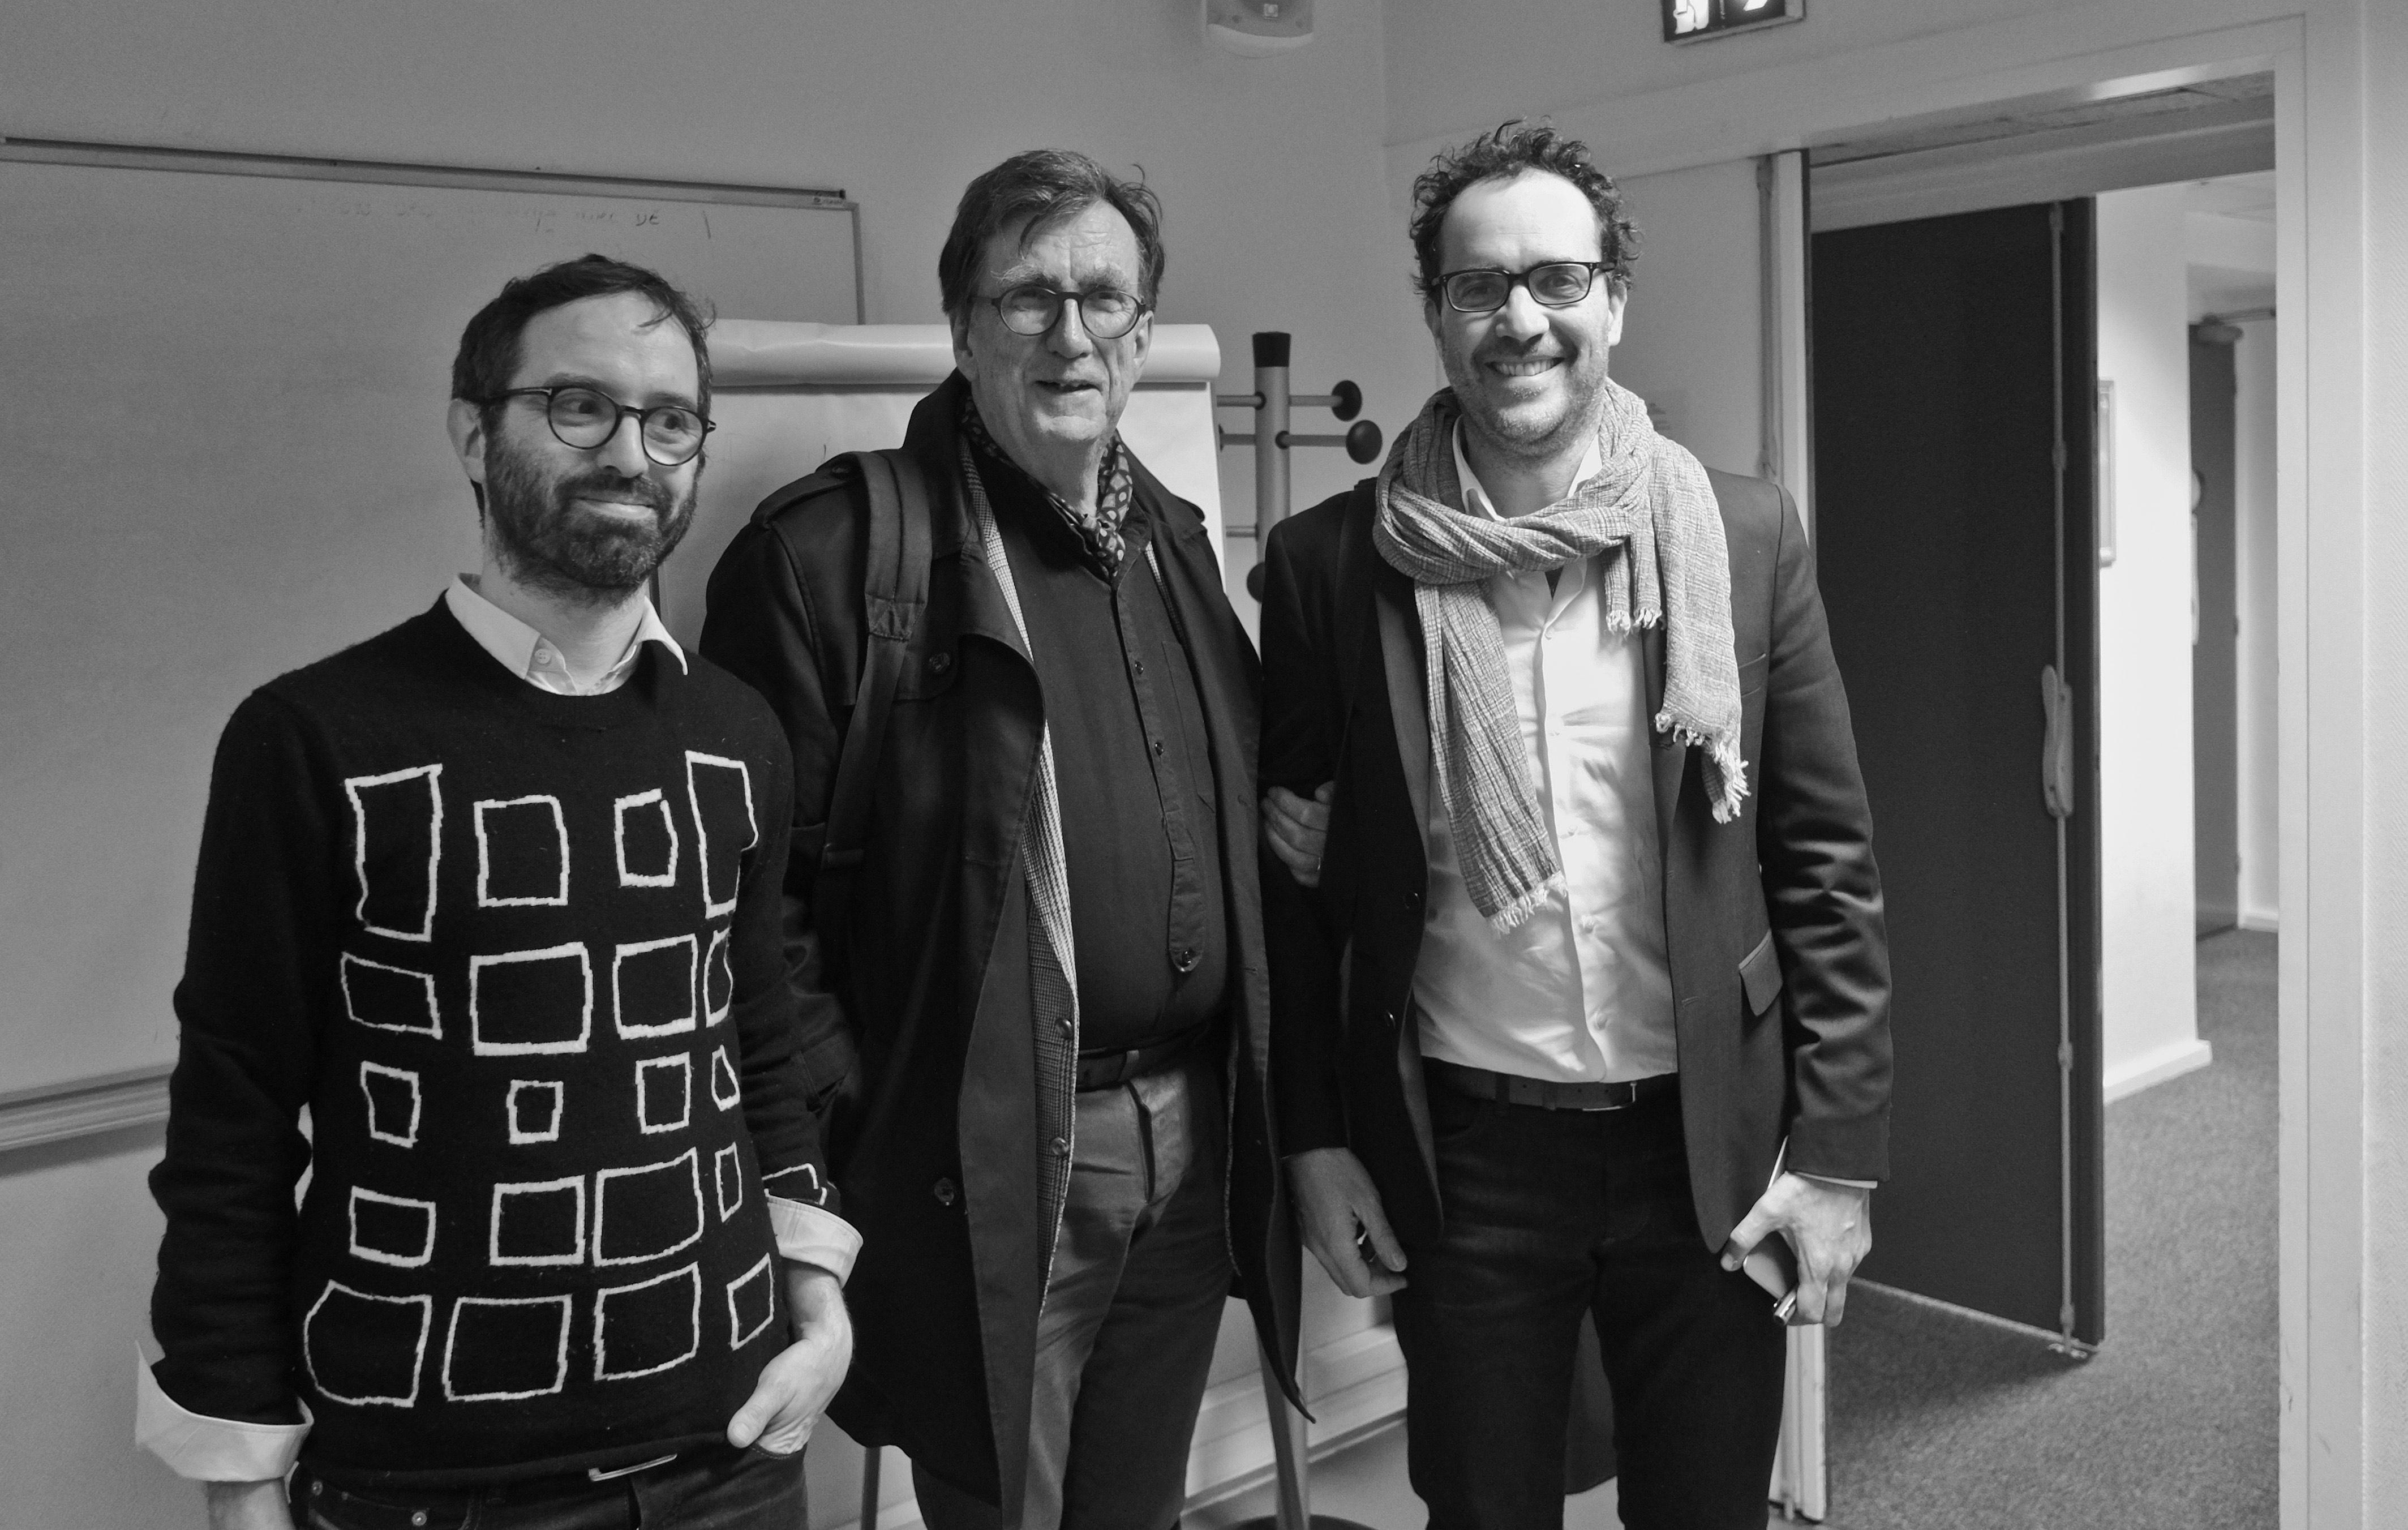 S16 - Journée Plantes avec Eduardo Kohn et Emanuele Coccia